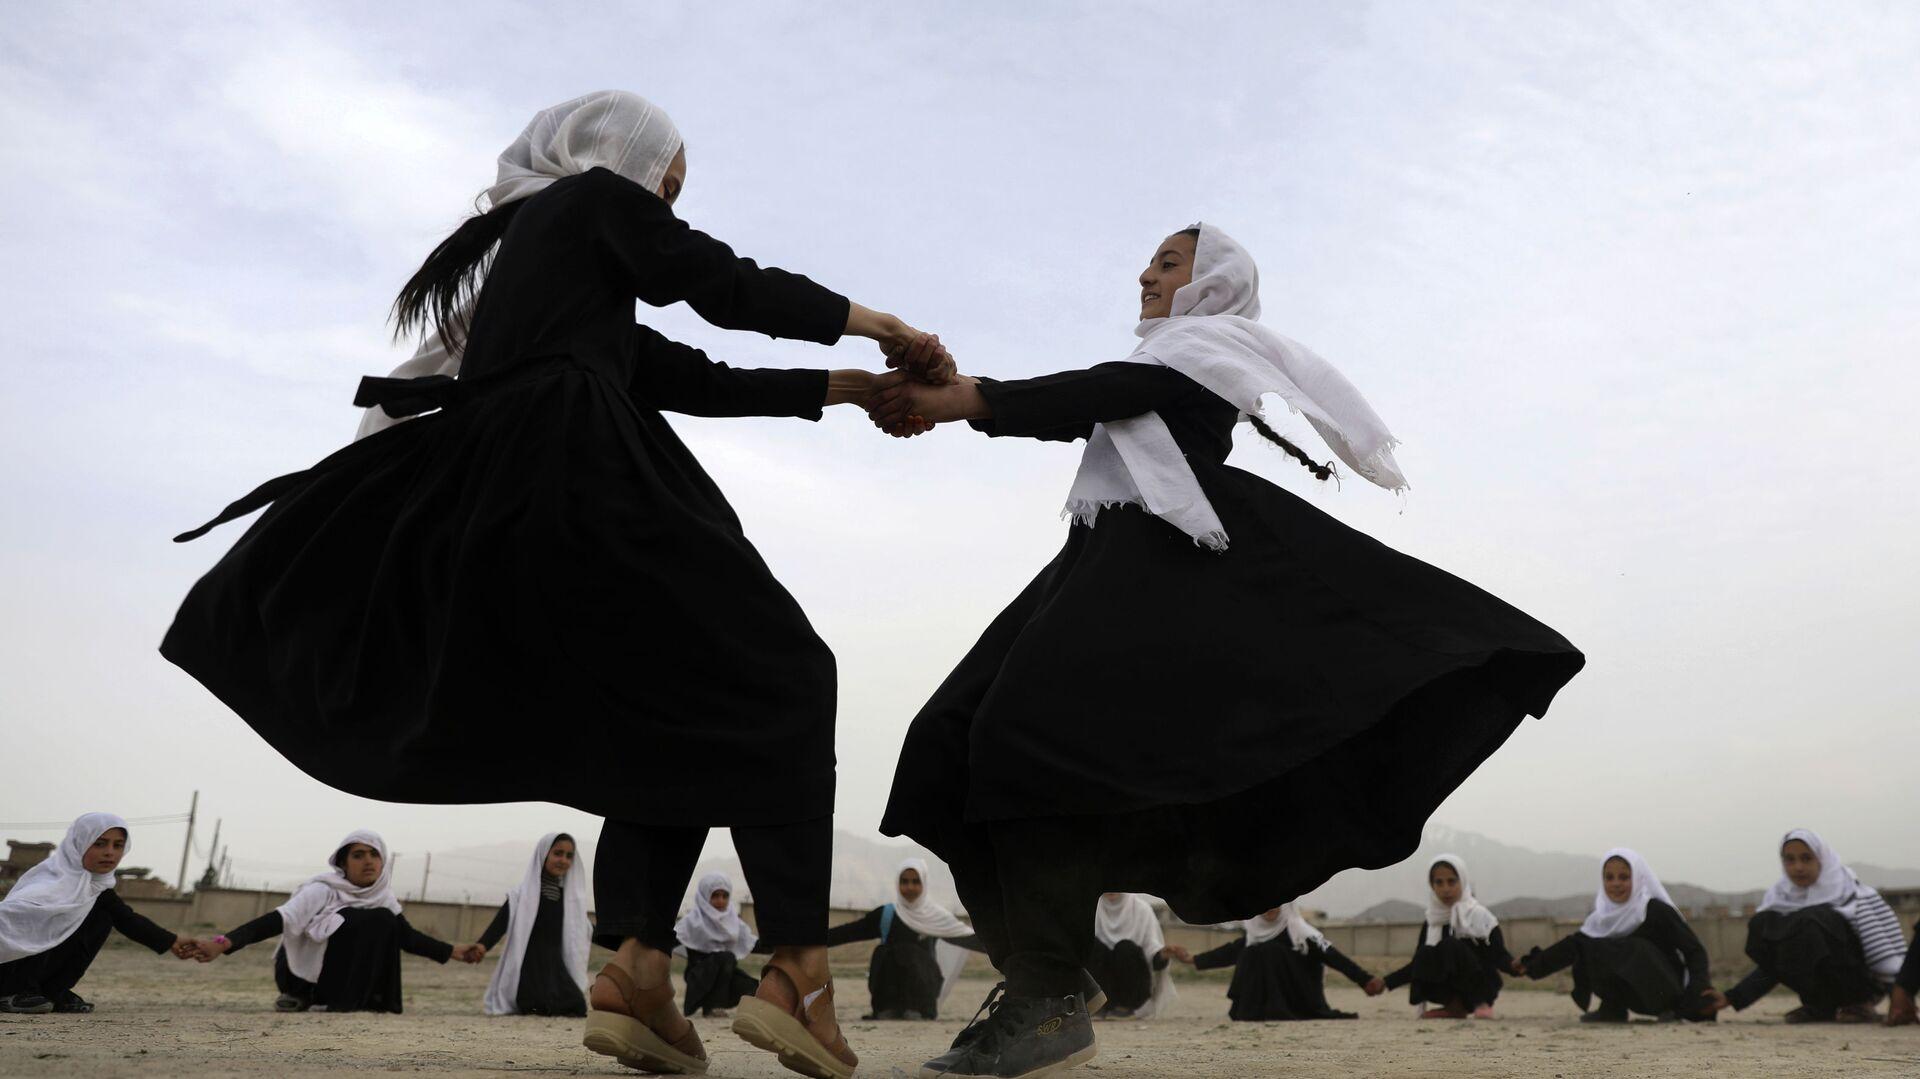 Школьники играют в Кабуле, Афганистан - Sputnik Italia, 1920, 31.05.2021